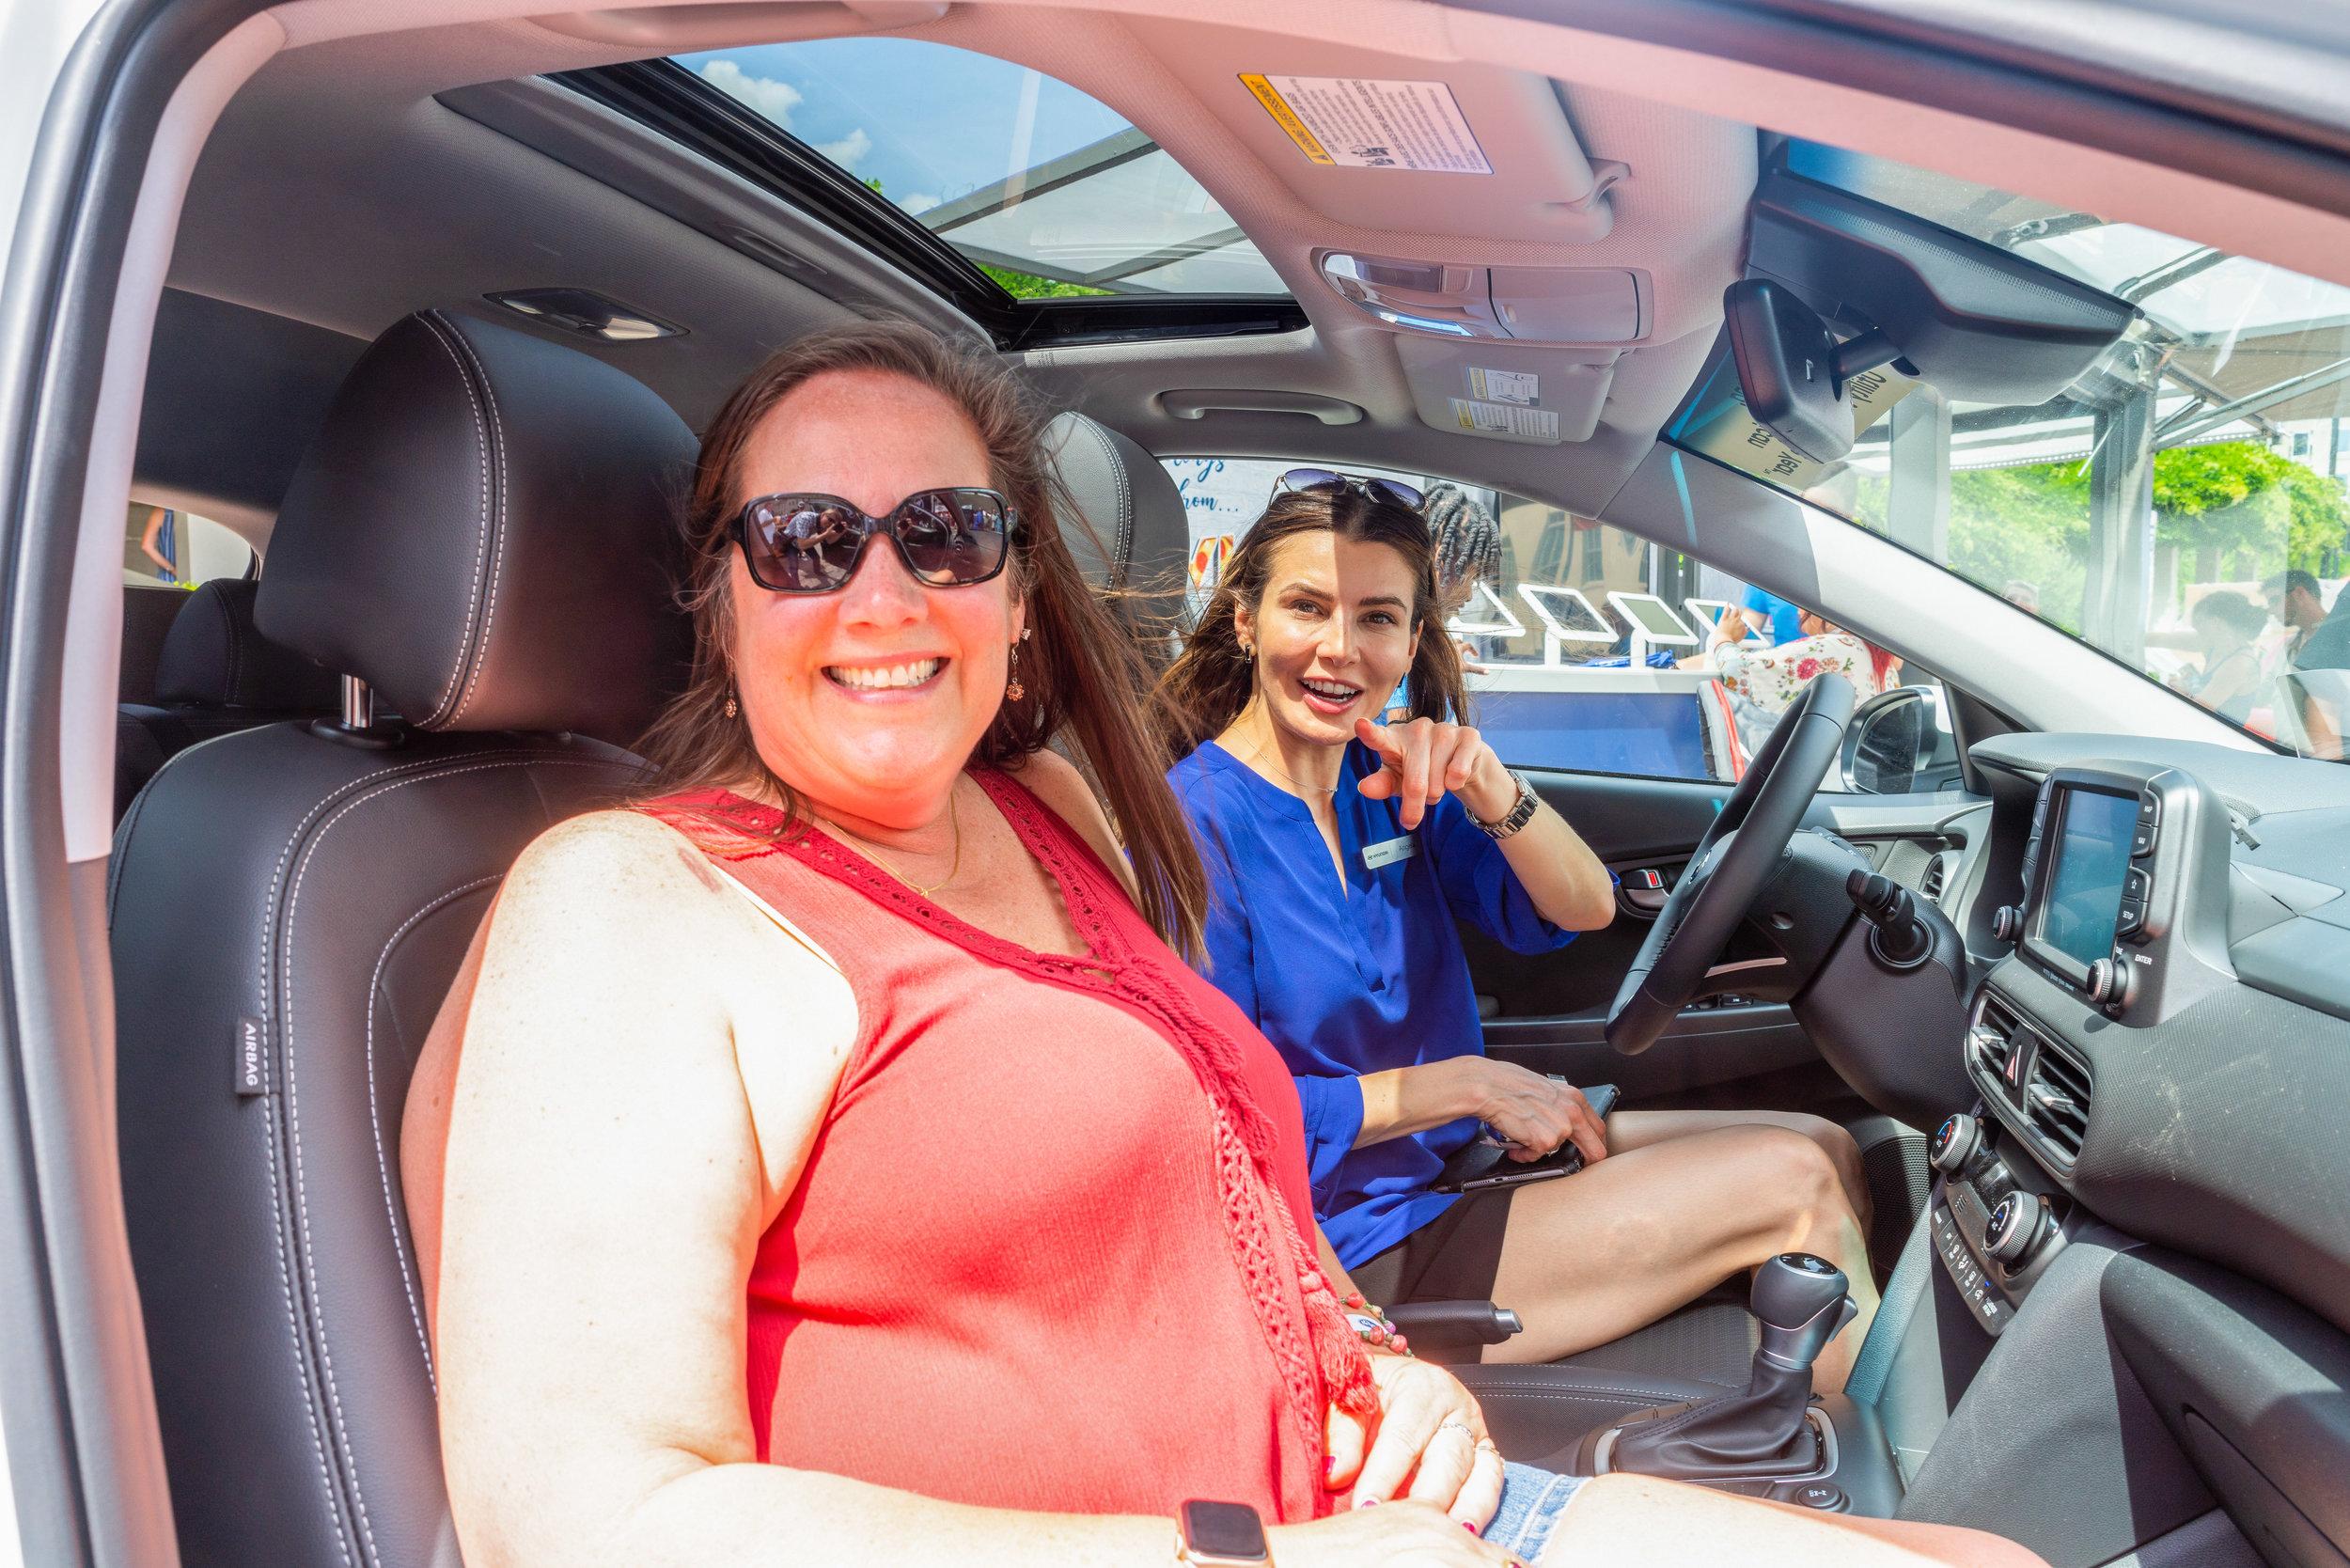 OHelloMedia-Hyundai-TasteOfCincinnati-VehicleDisplay--23.jpg